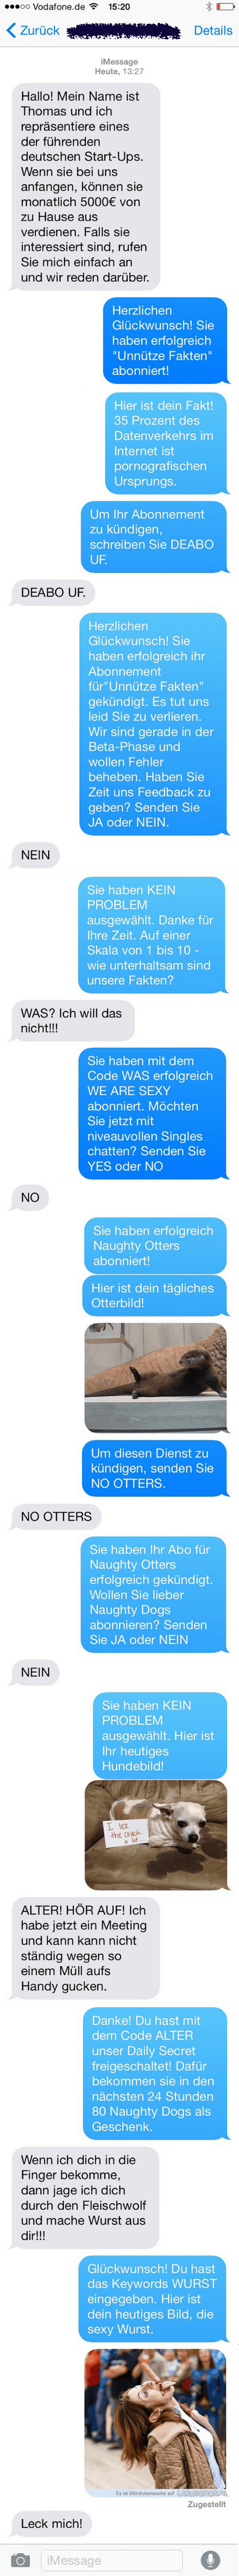 Der perfekte Umgang mit Abzock-SMS | Lustiges | Was is hier eigentlich los? | wihel.de